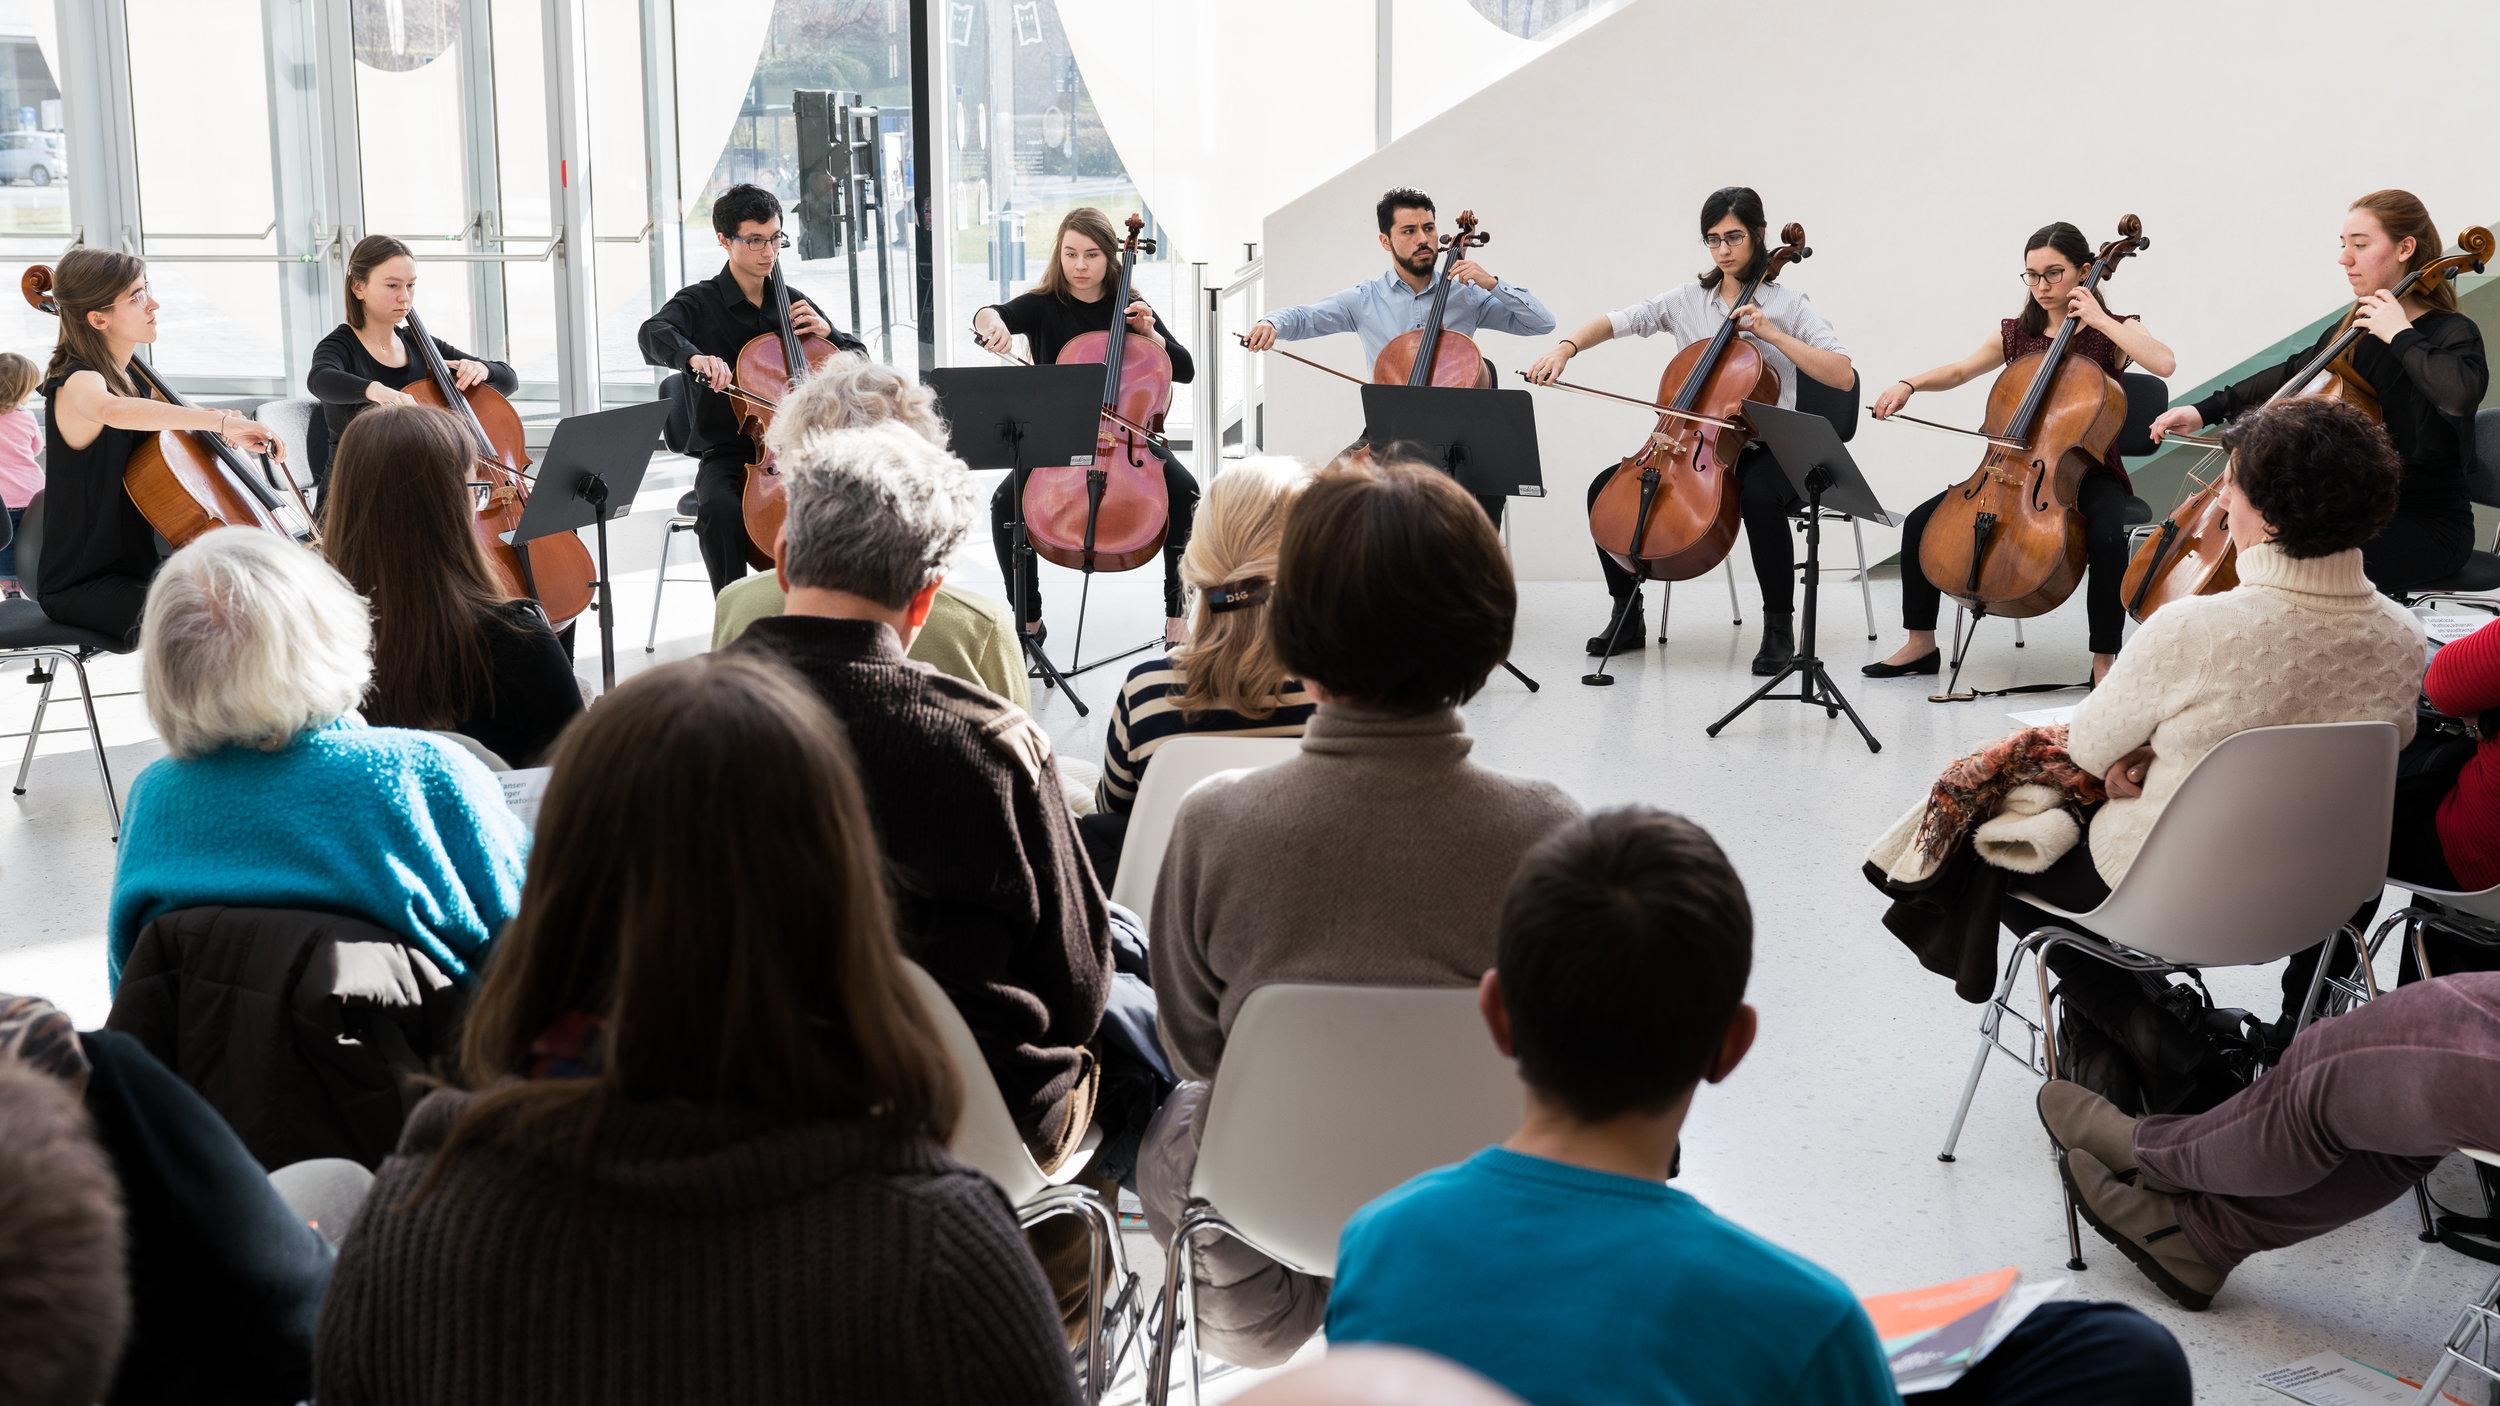 Konzert am Mittag - Cello20180206_028-036.jpg